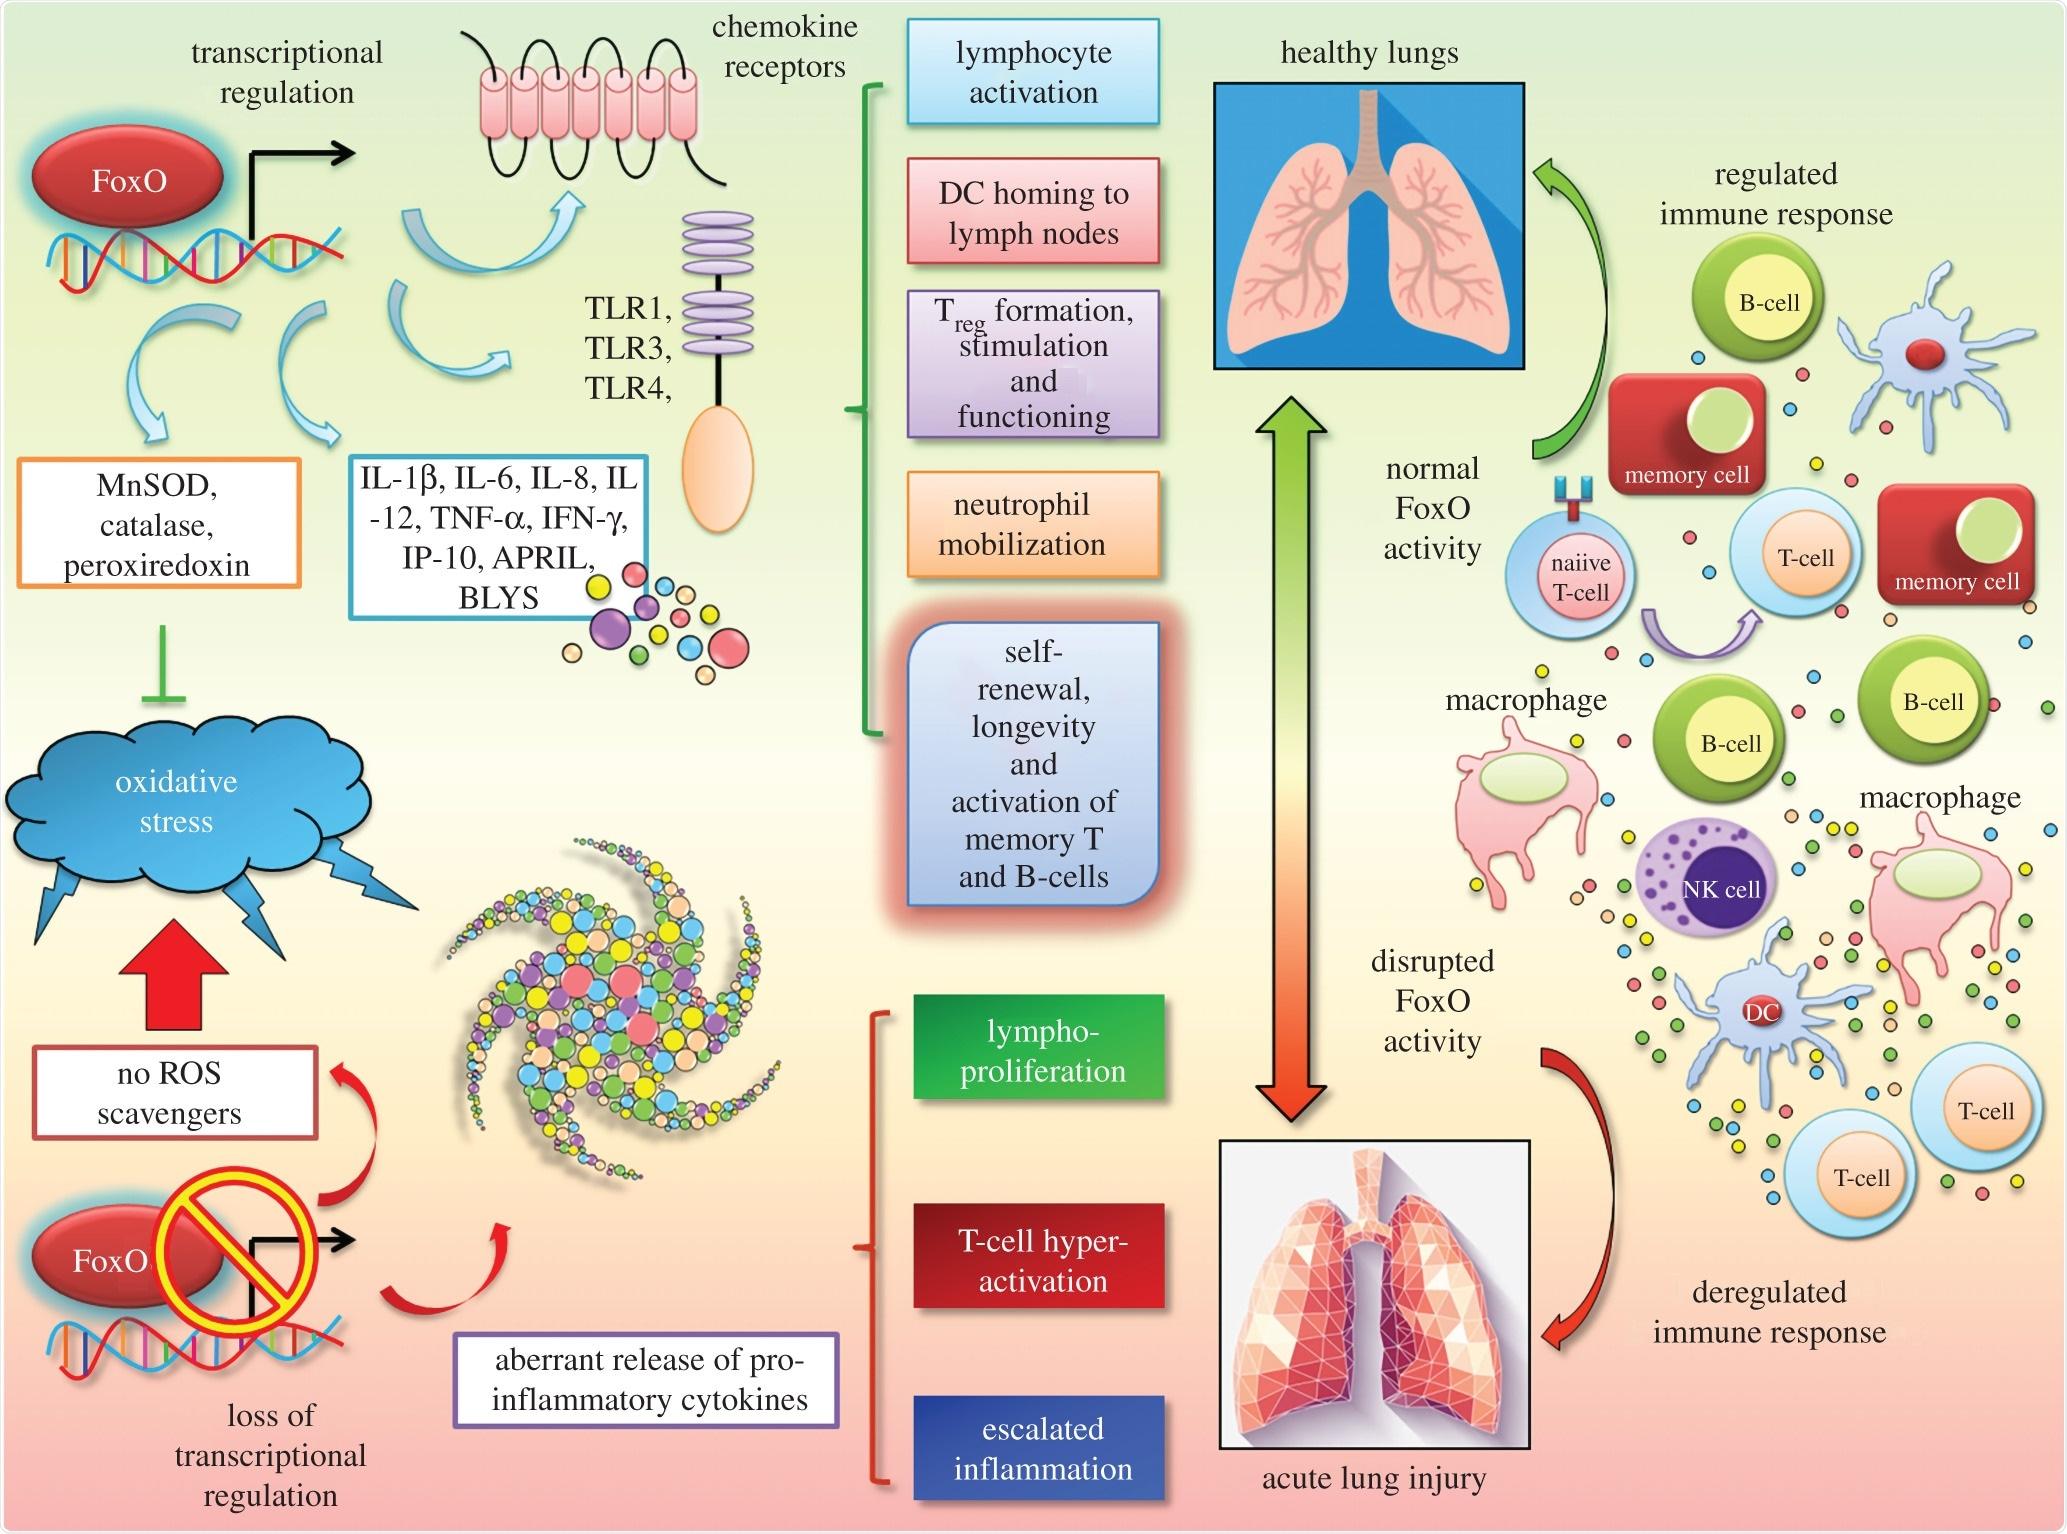 FoxOs è regolatori matrici unici delle risposte infiammatorie e redox cellulari. La famiglia di FoxO dei fattori di trascrizione modula l